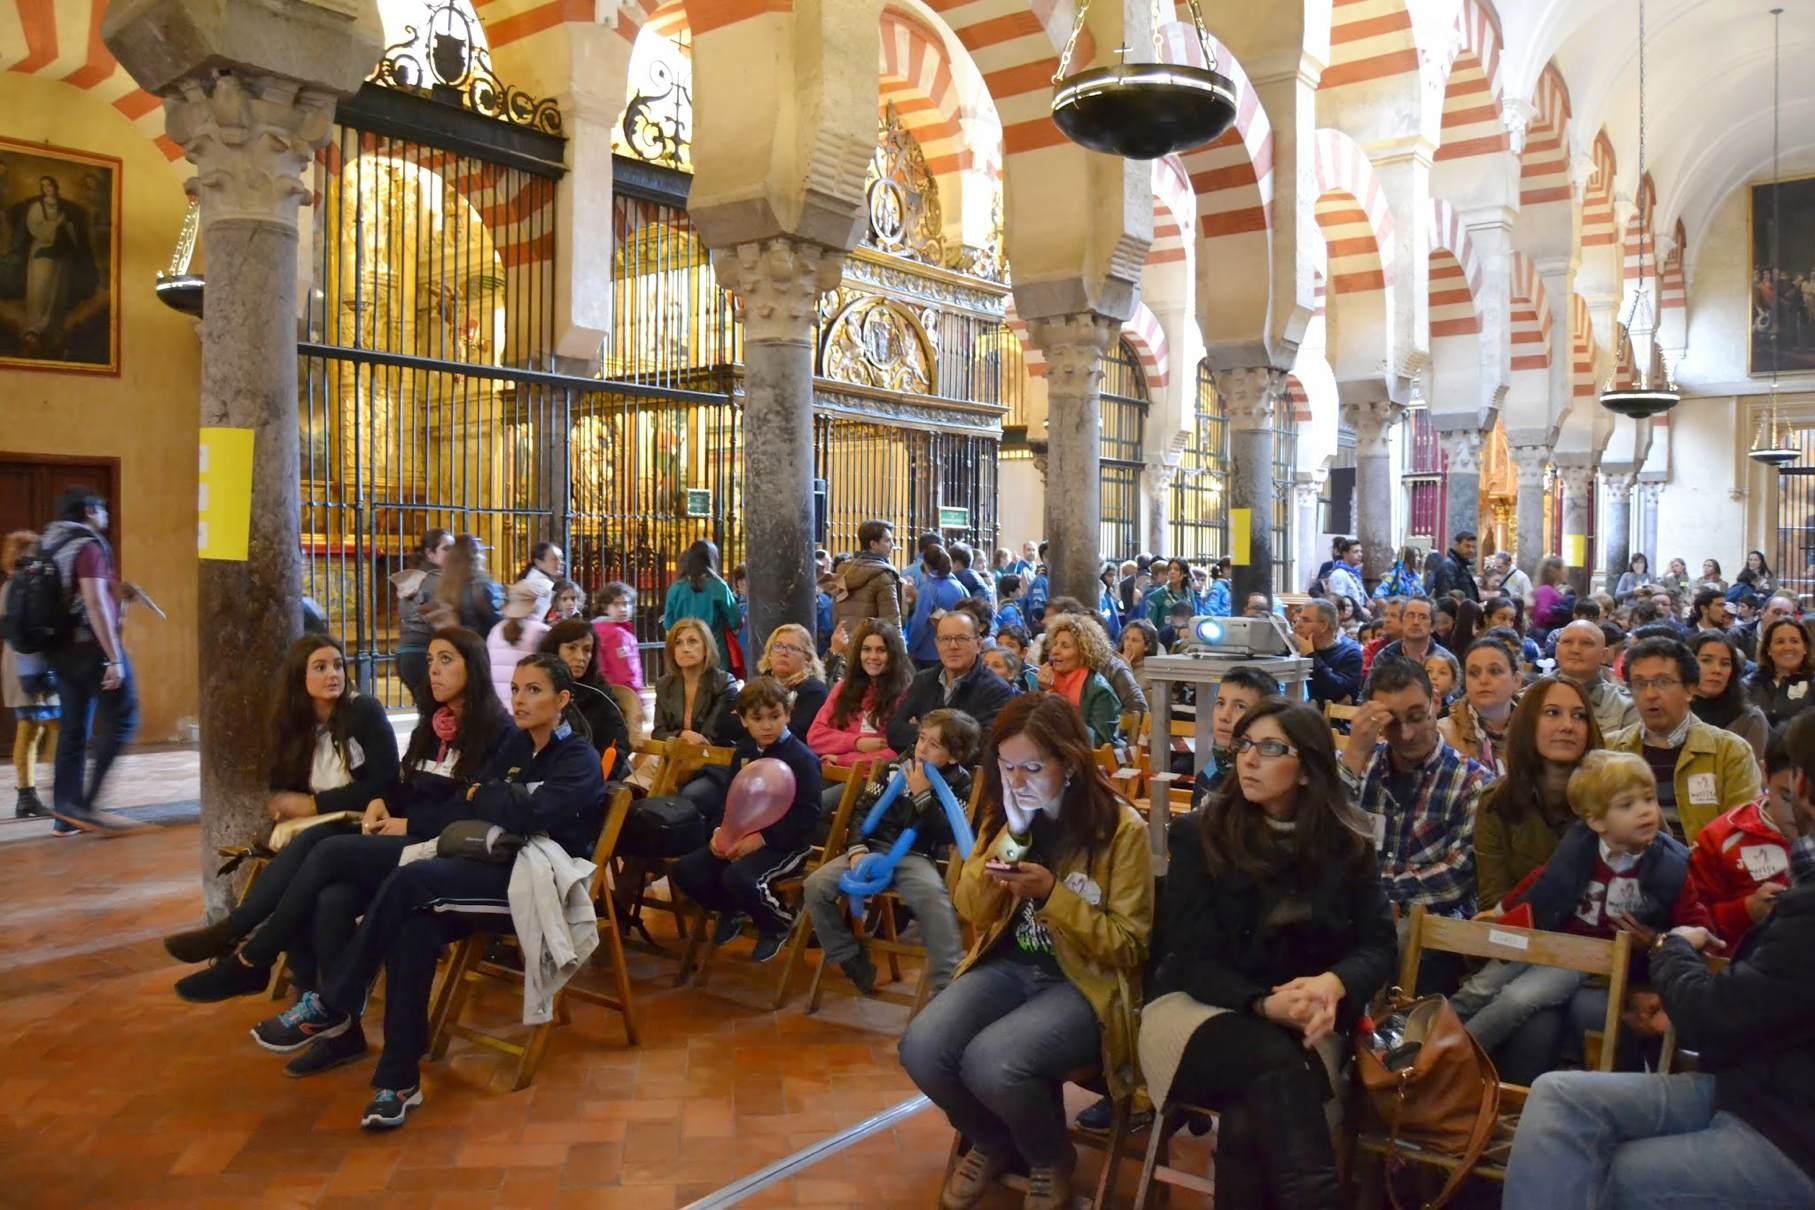 encuentro de escuelas católicas  15-11-14 (141)